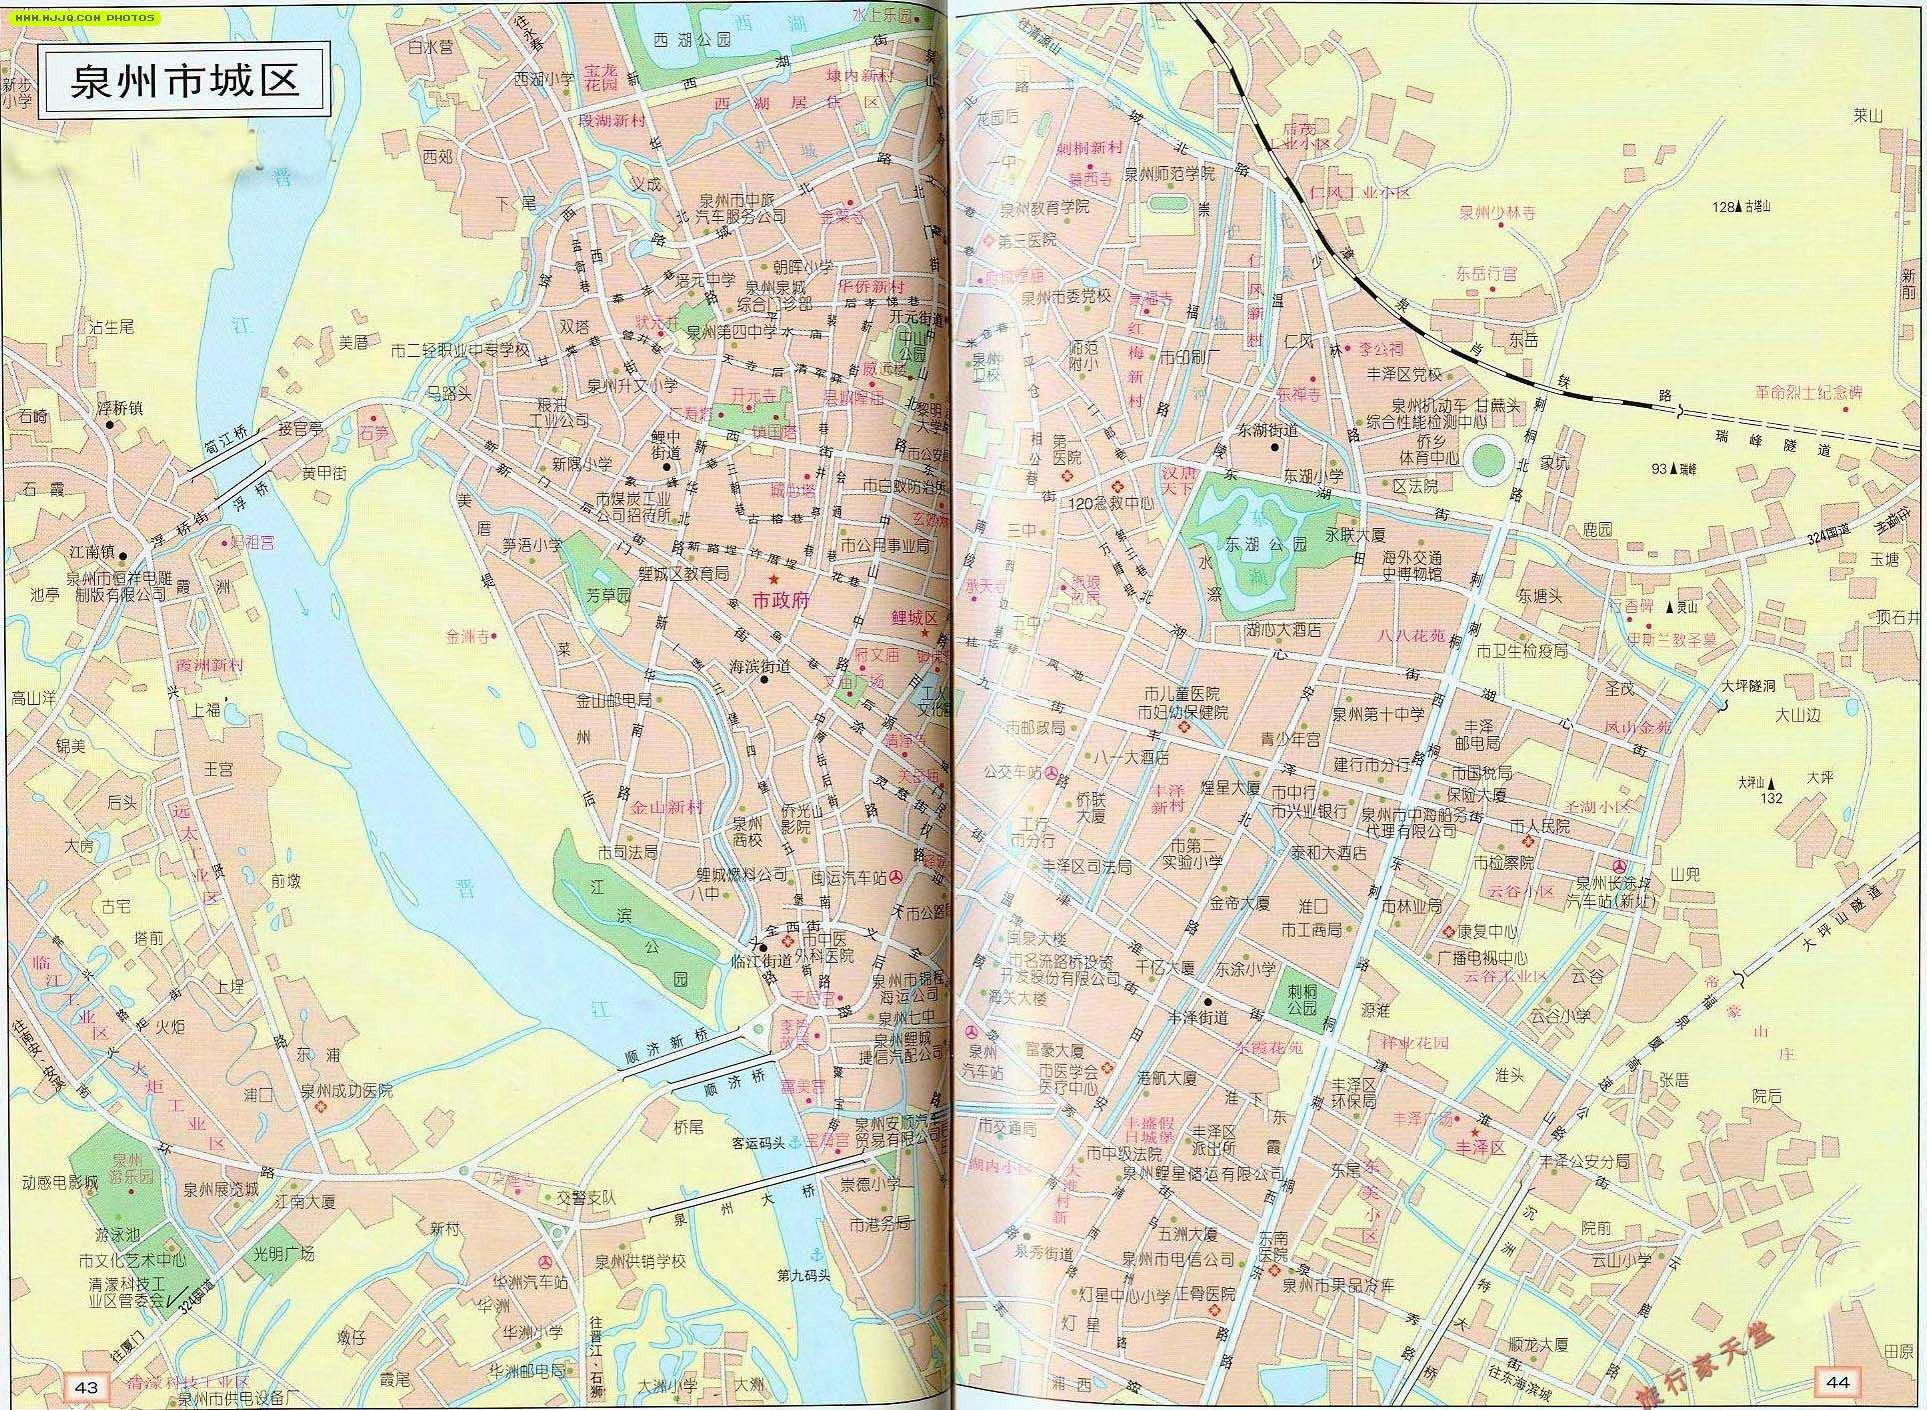 泉州地图_福建旅游地图库